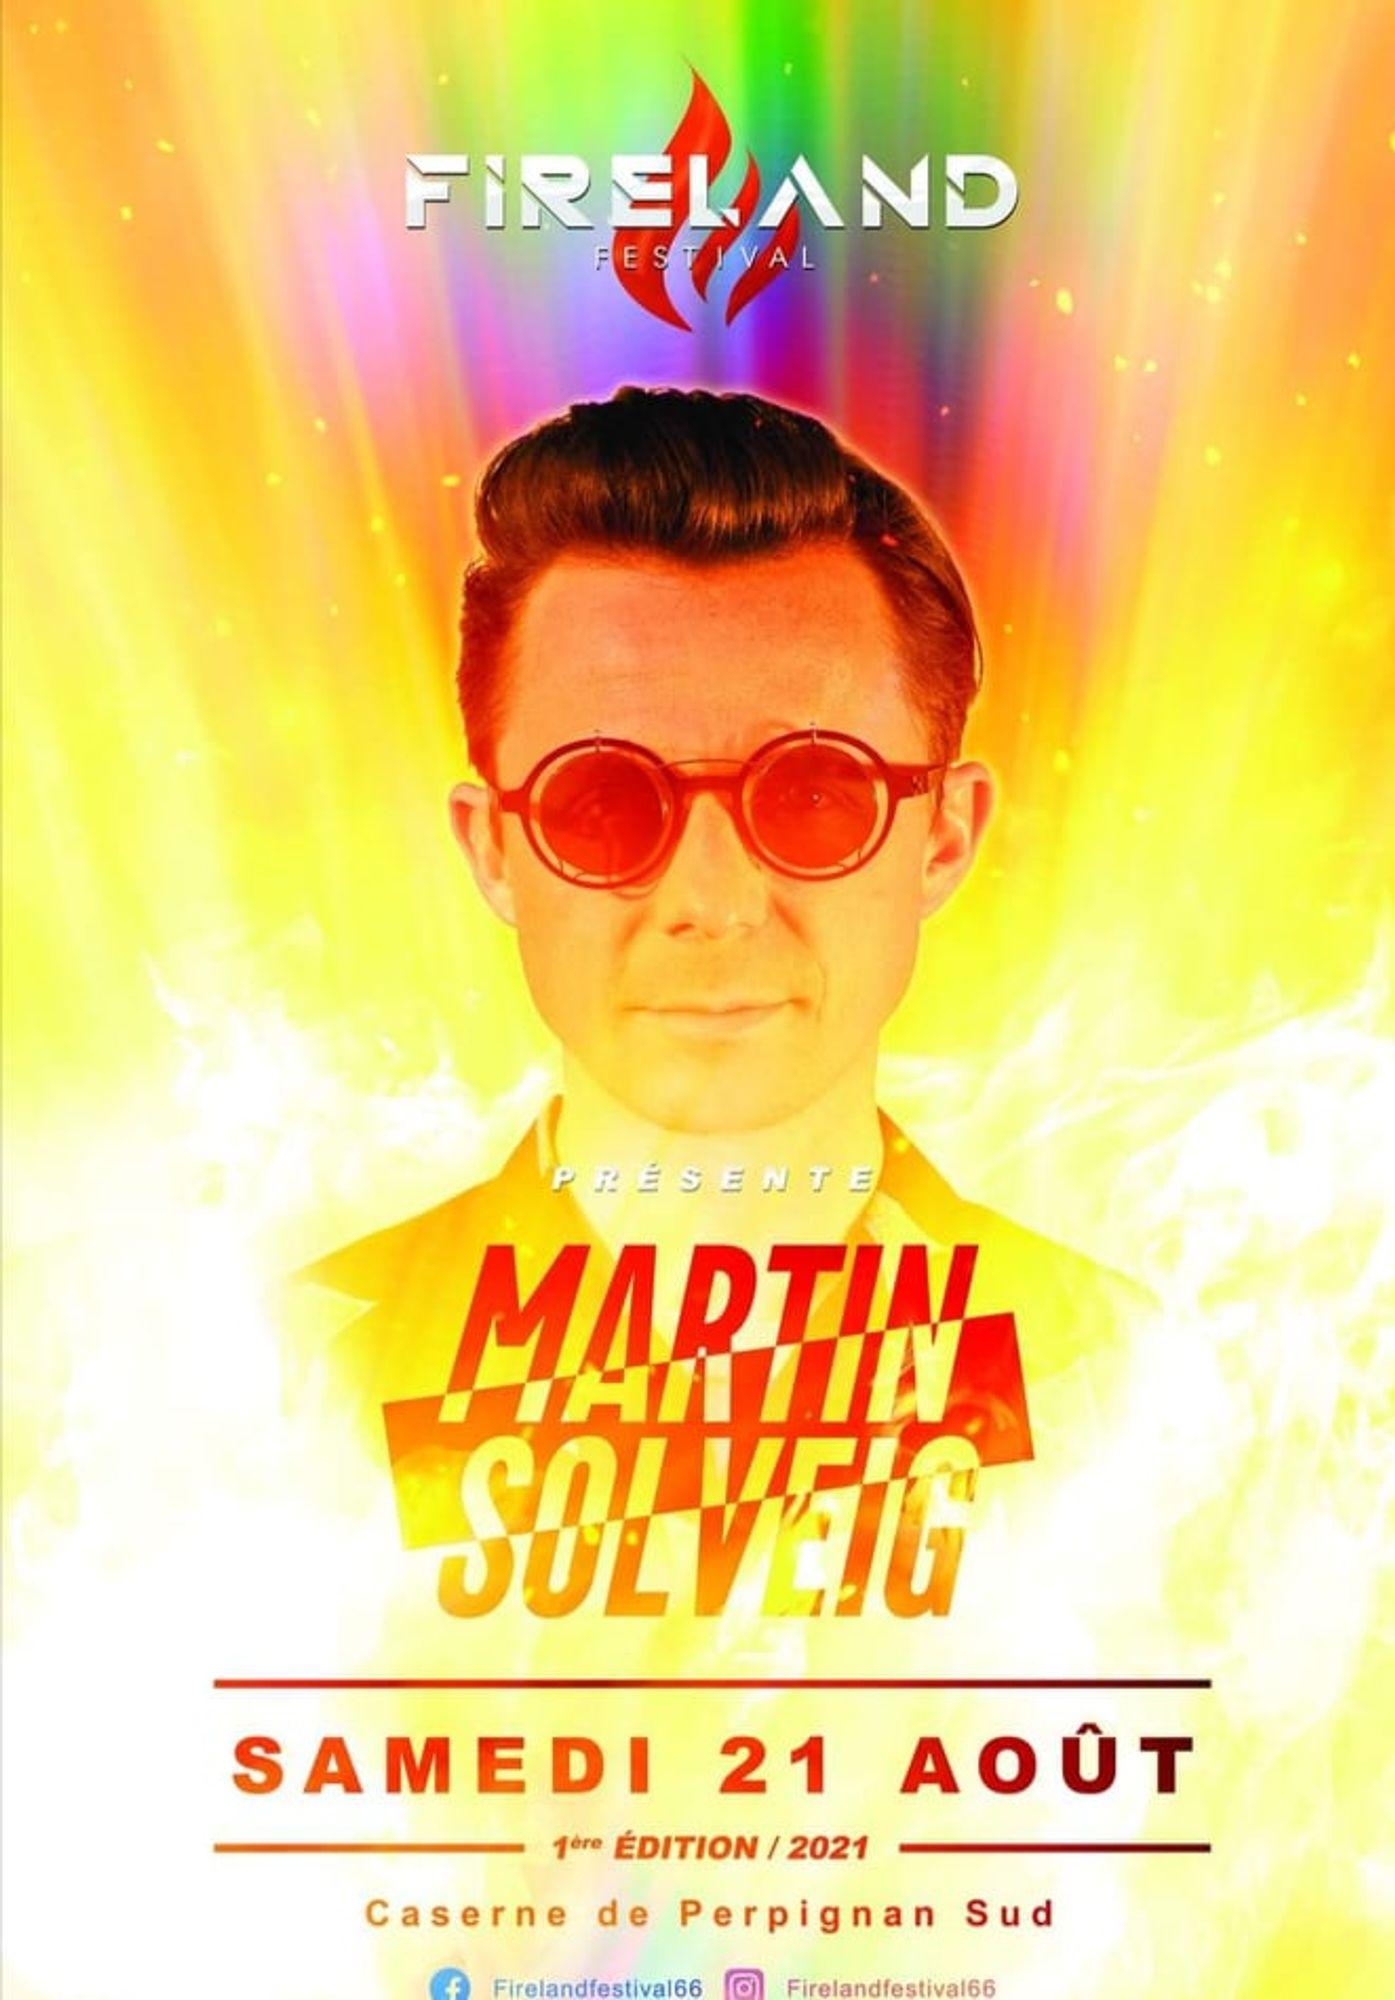 le dj français Martin solveig sera l'une des têtes d'affiche du Fireland